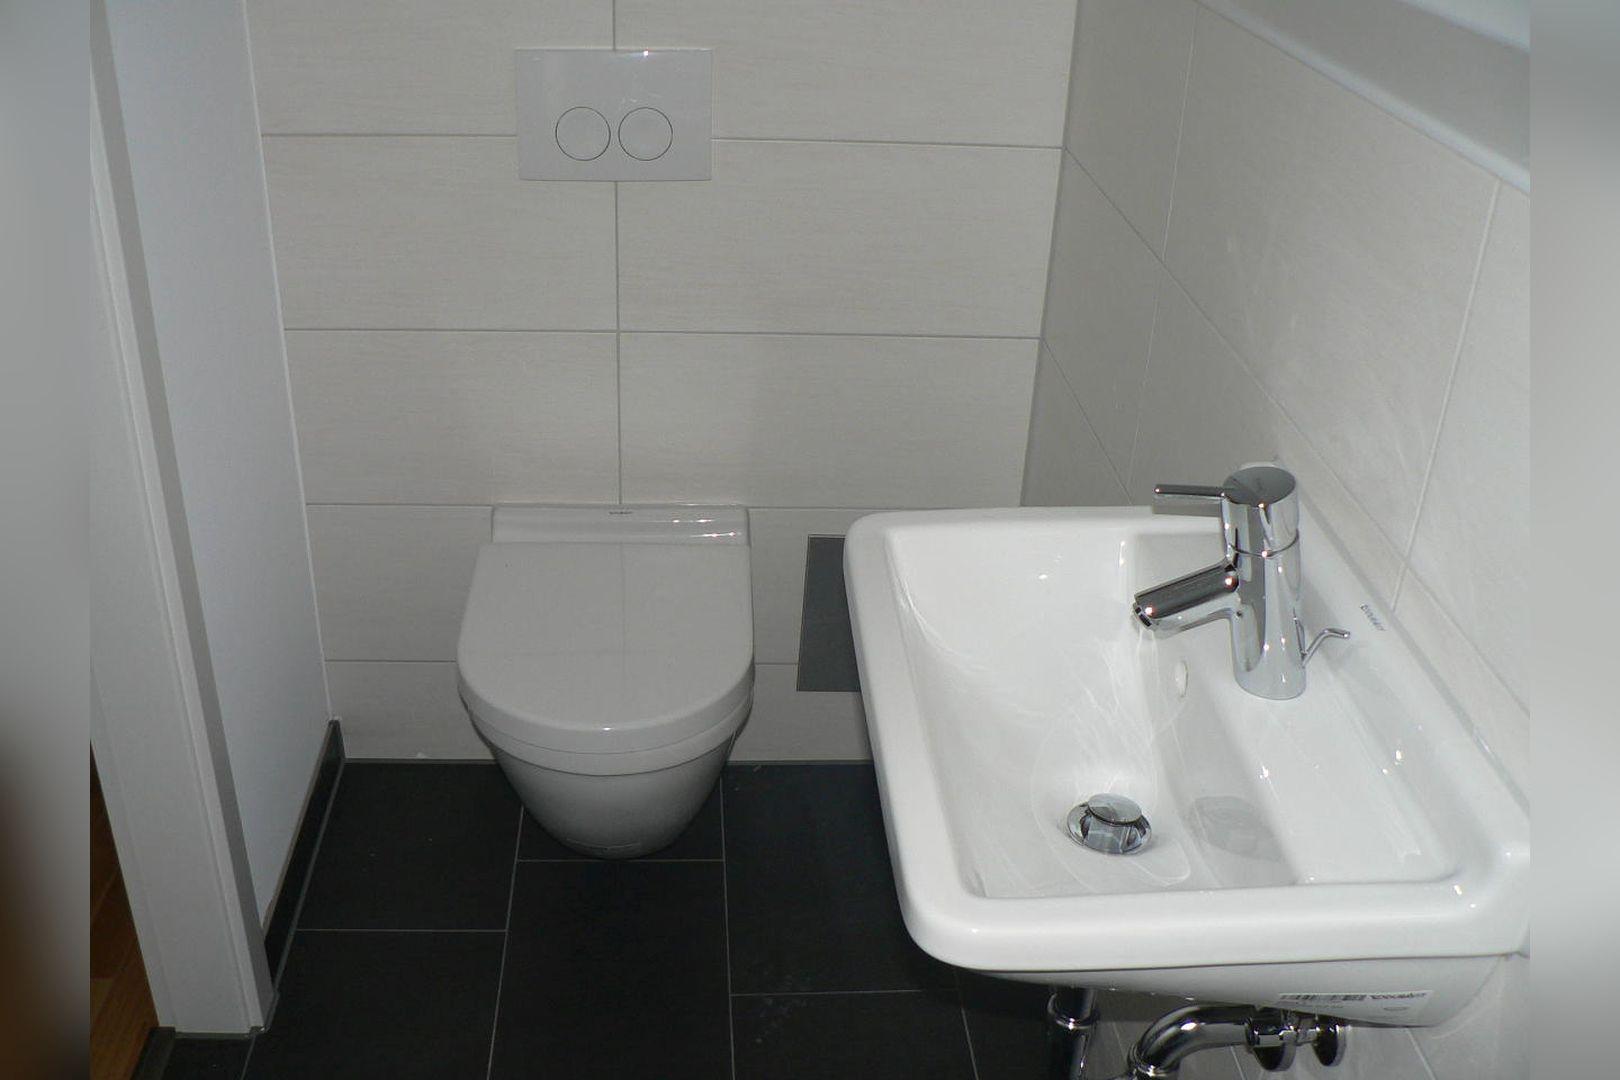 Immobilie Nr.BÖ-01.1 - BÖ-01.1; Maisonette Wohnung über EG und Sout., Garten u. Terrasse - Bild 3.jpg